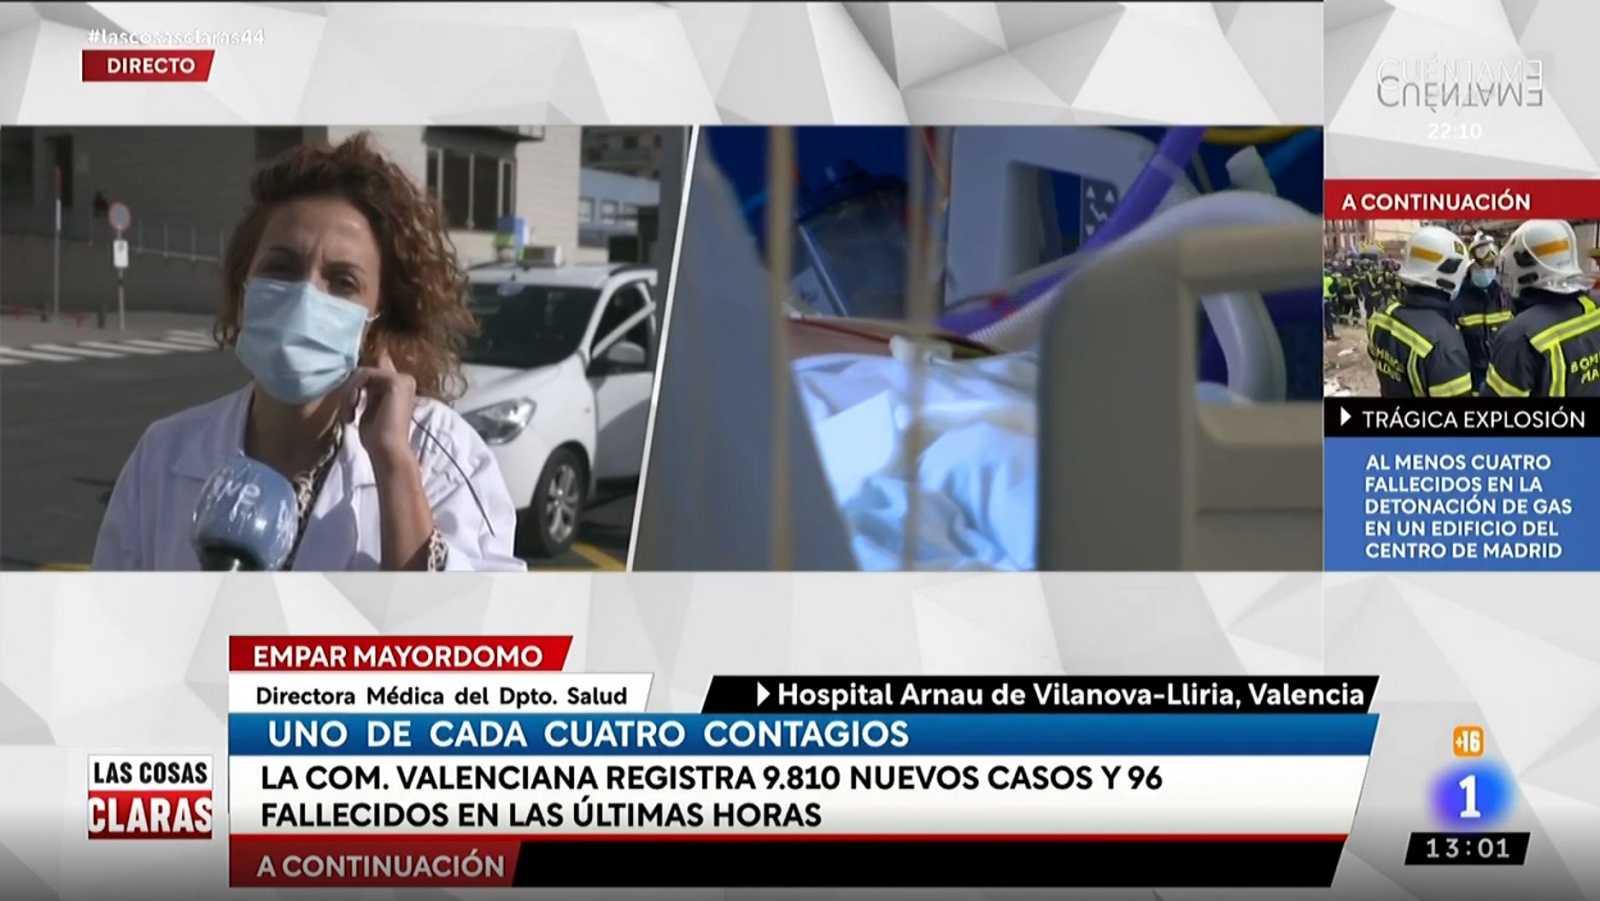 """La directora del hospital Arnau Vilanova-Lliria de Valencia urge al autoconfinamiento: """"Estamos cerca de no poder atender más casos"""""""